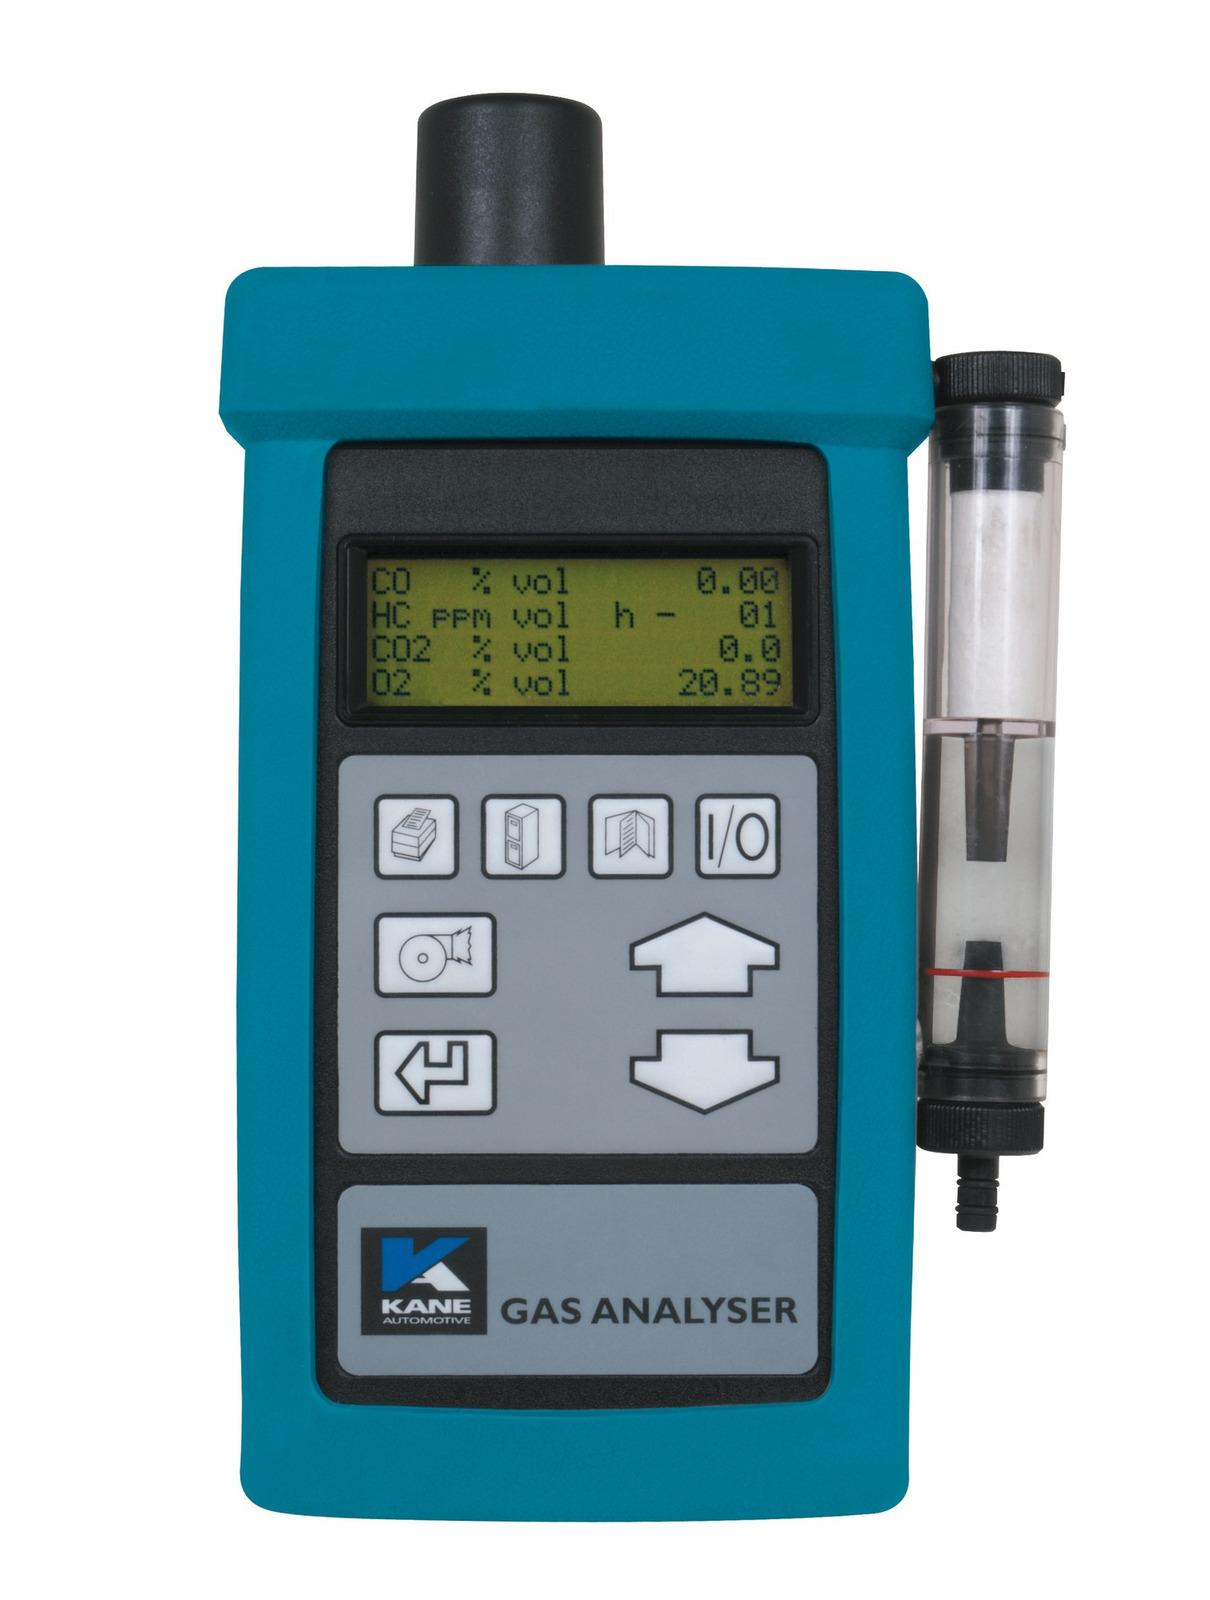 4 gas analyser oiml auto4 1 kane